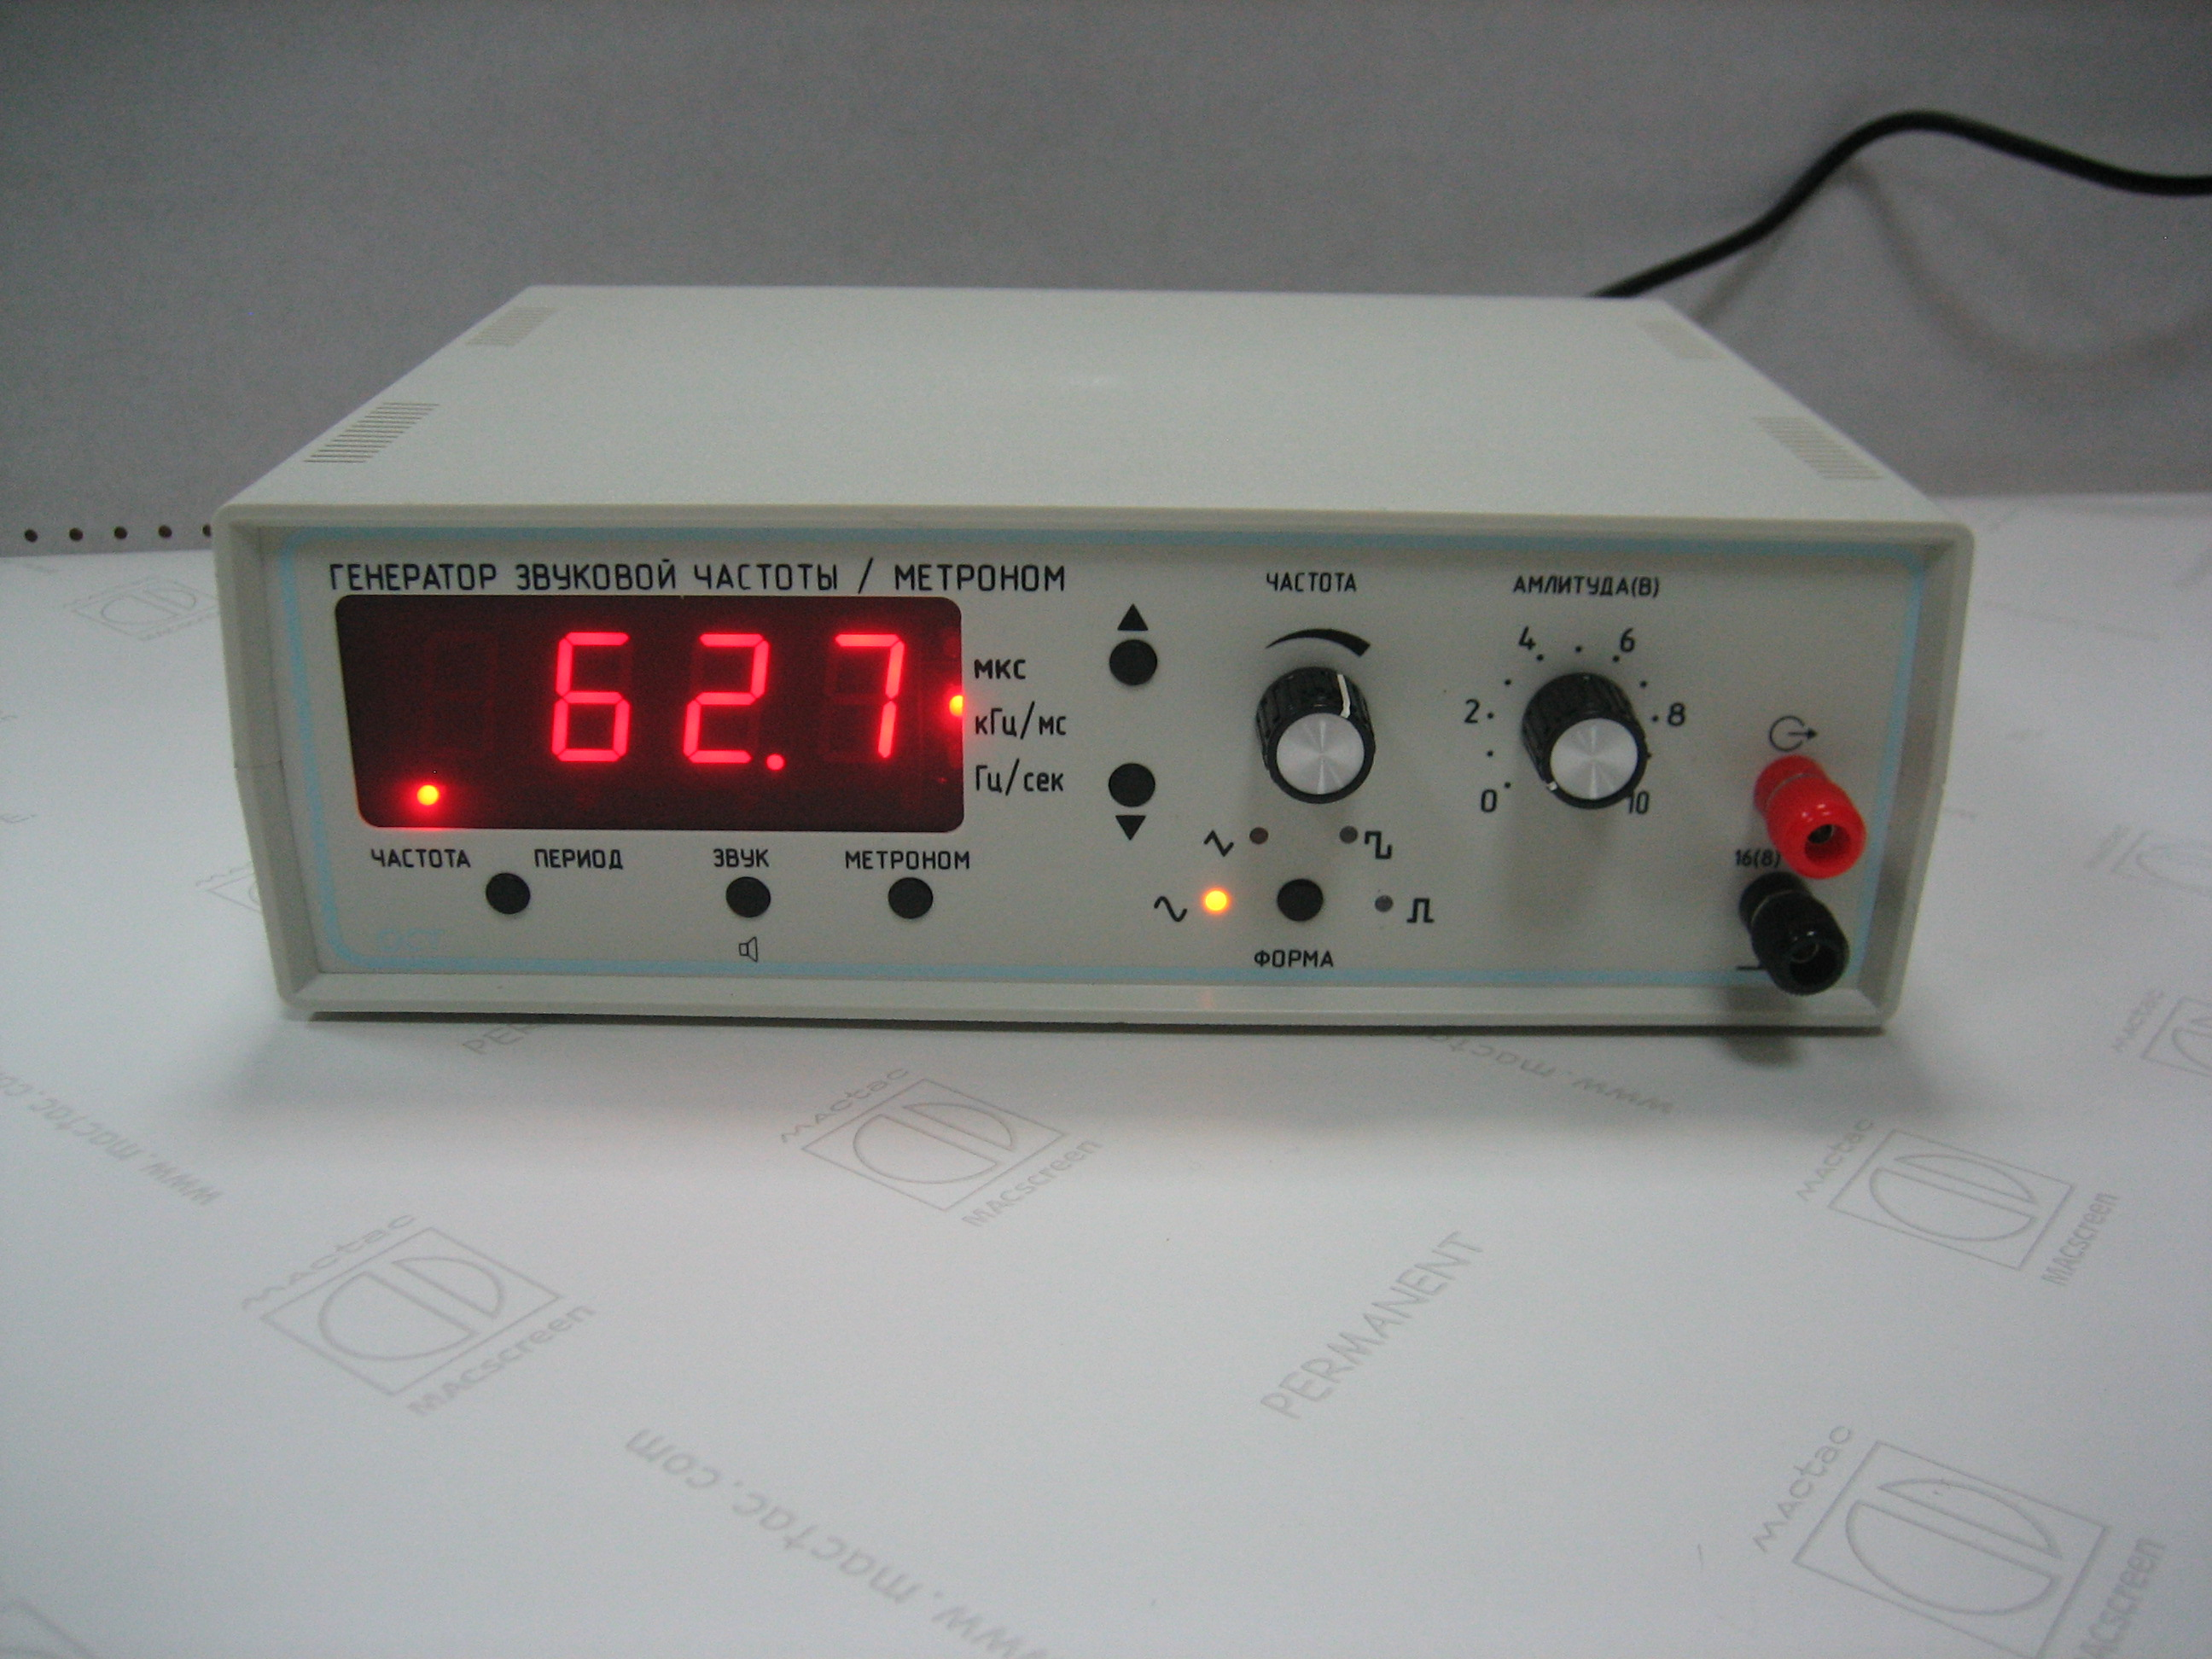 низкочастотные генераторы синусоидальных колебаний выберите подходящий